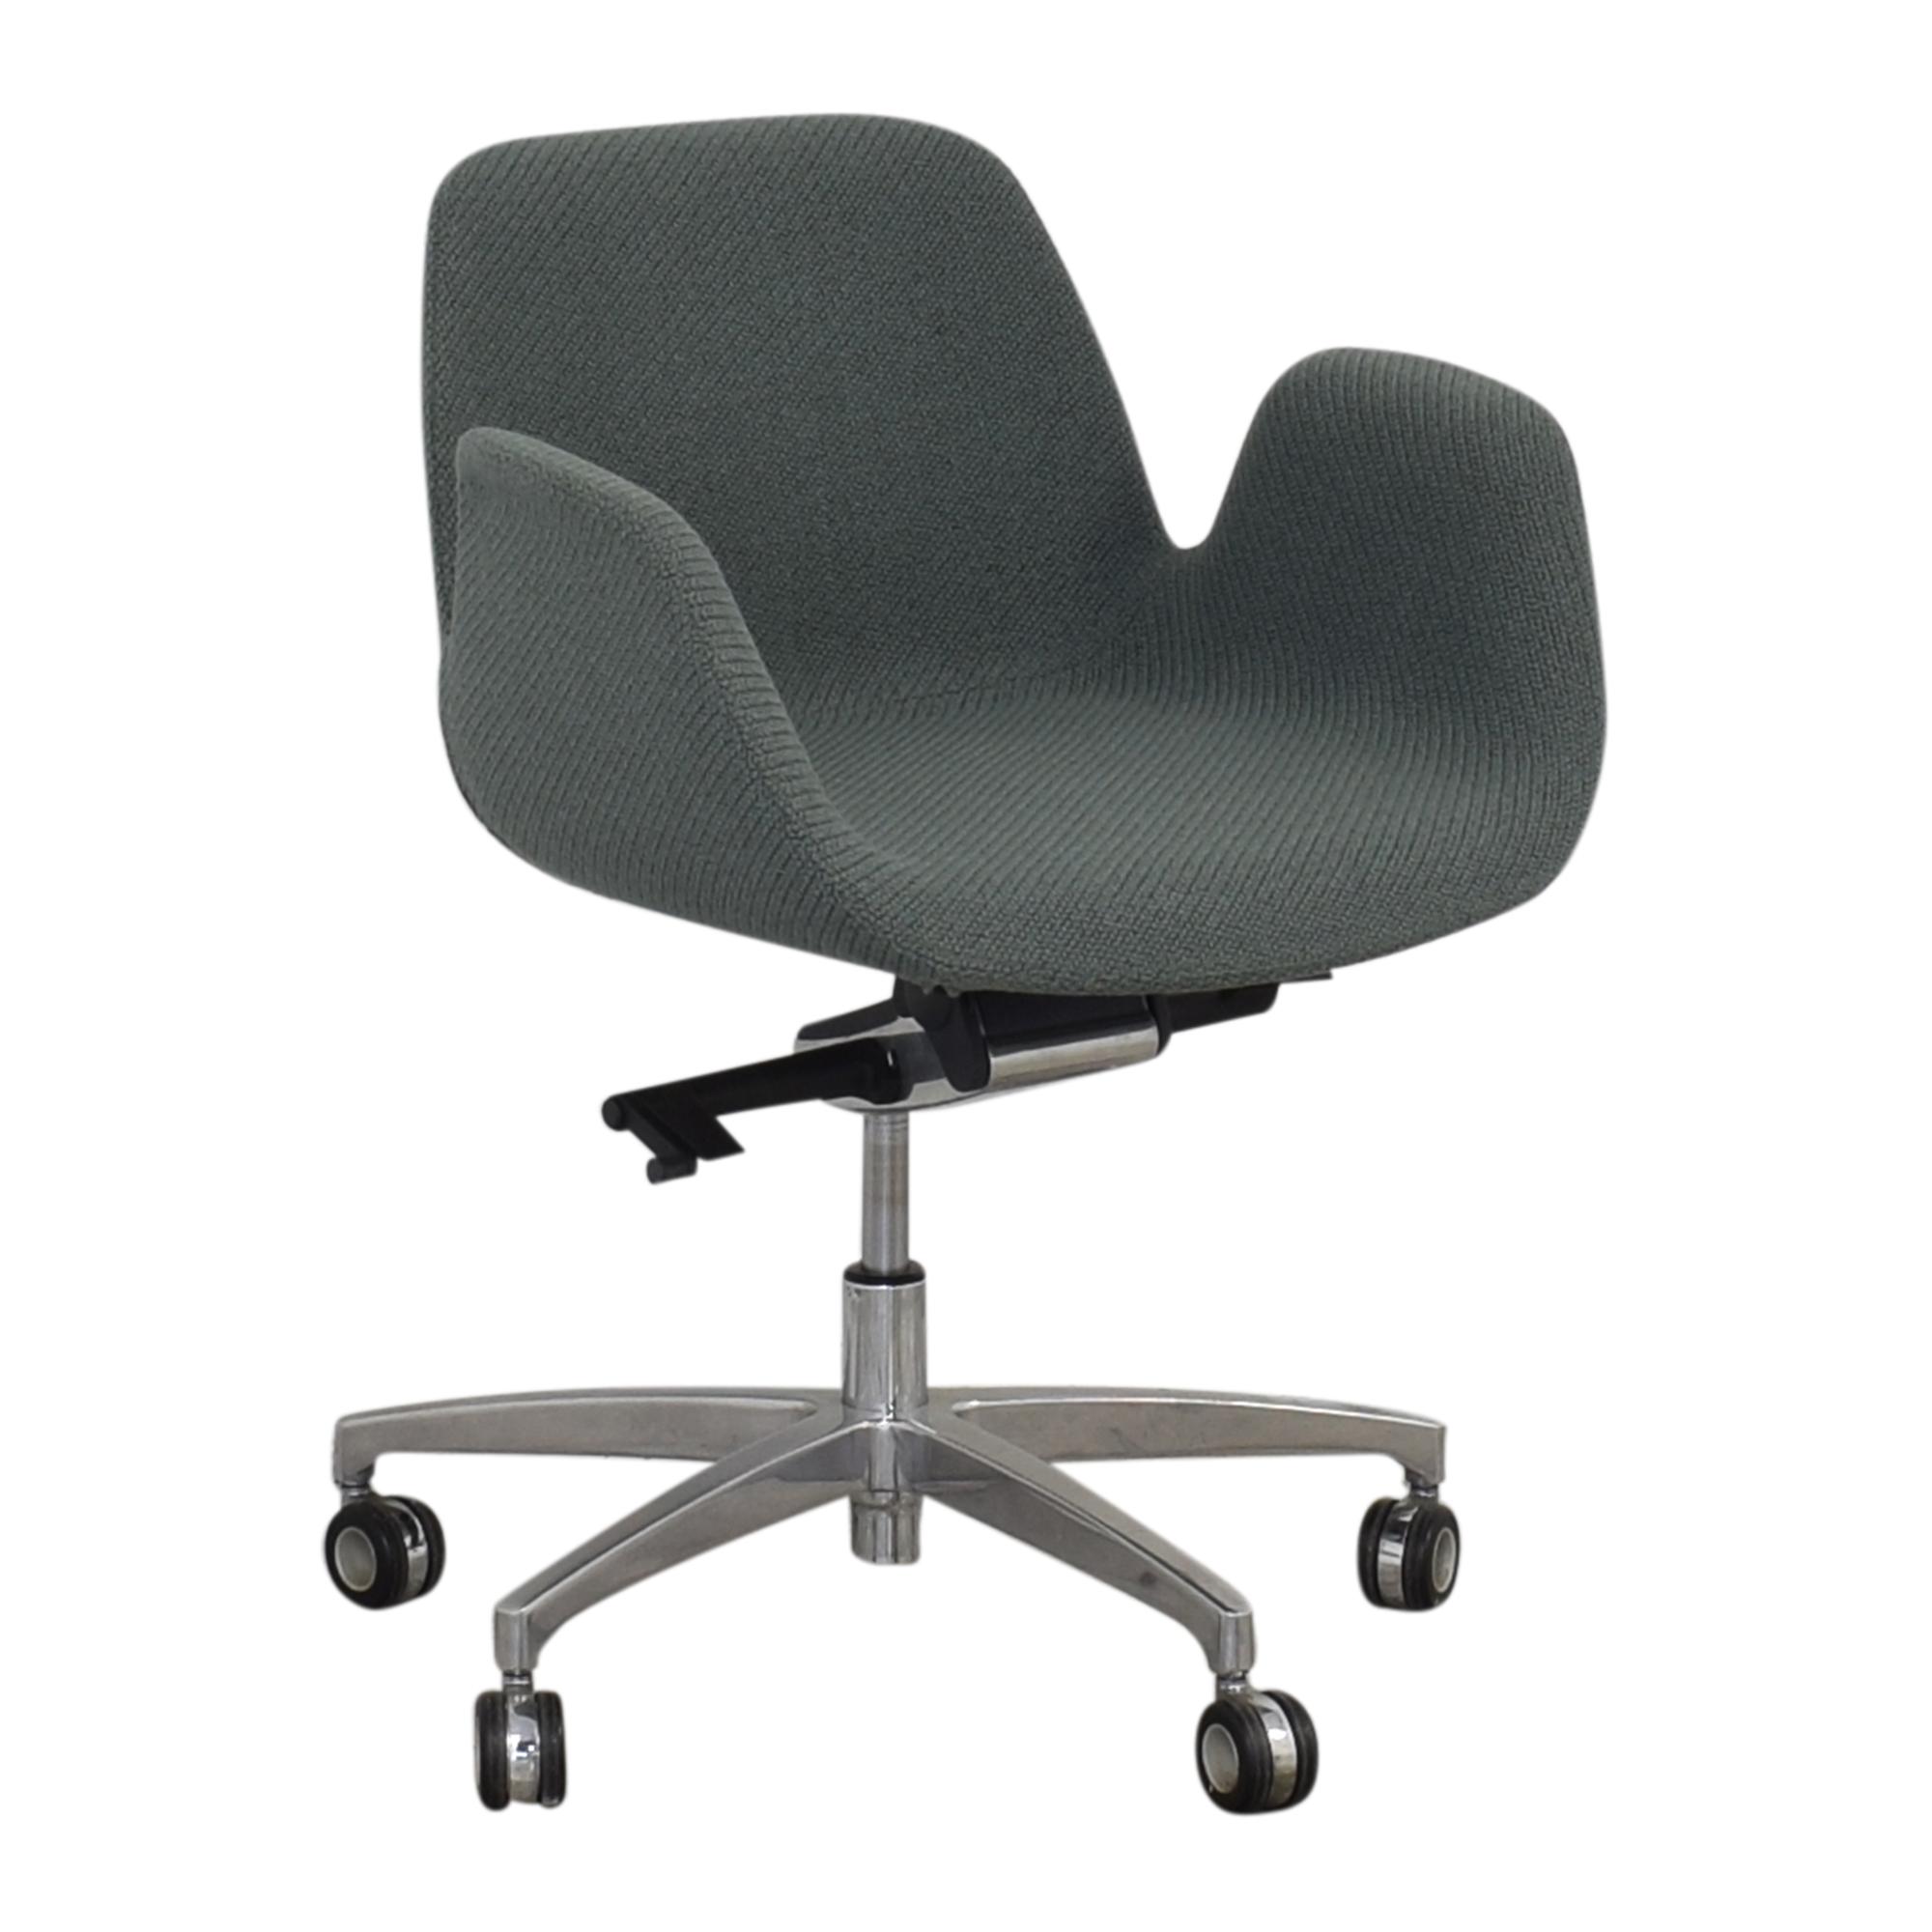 Koleksiyon Koleksiyon Halia Operator Task Chair second hand